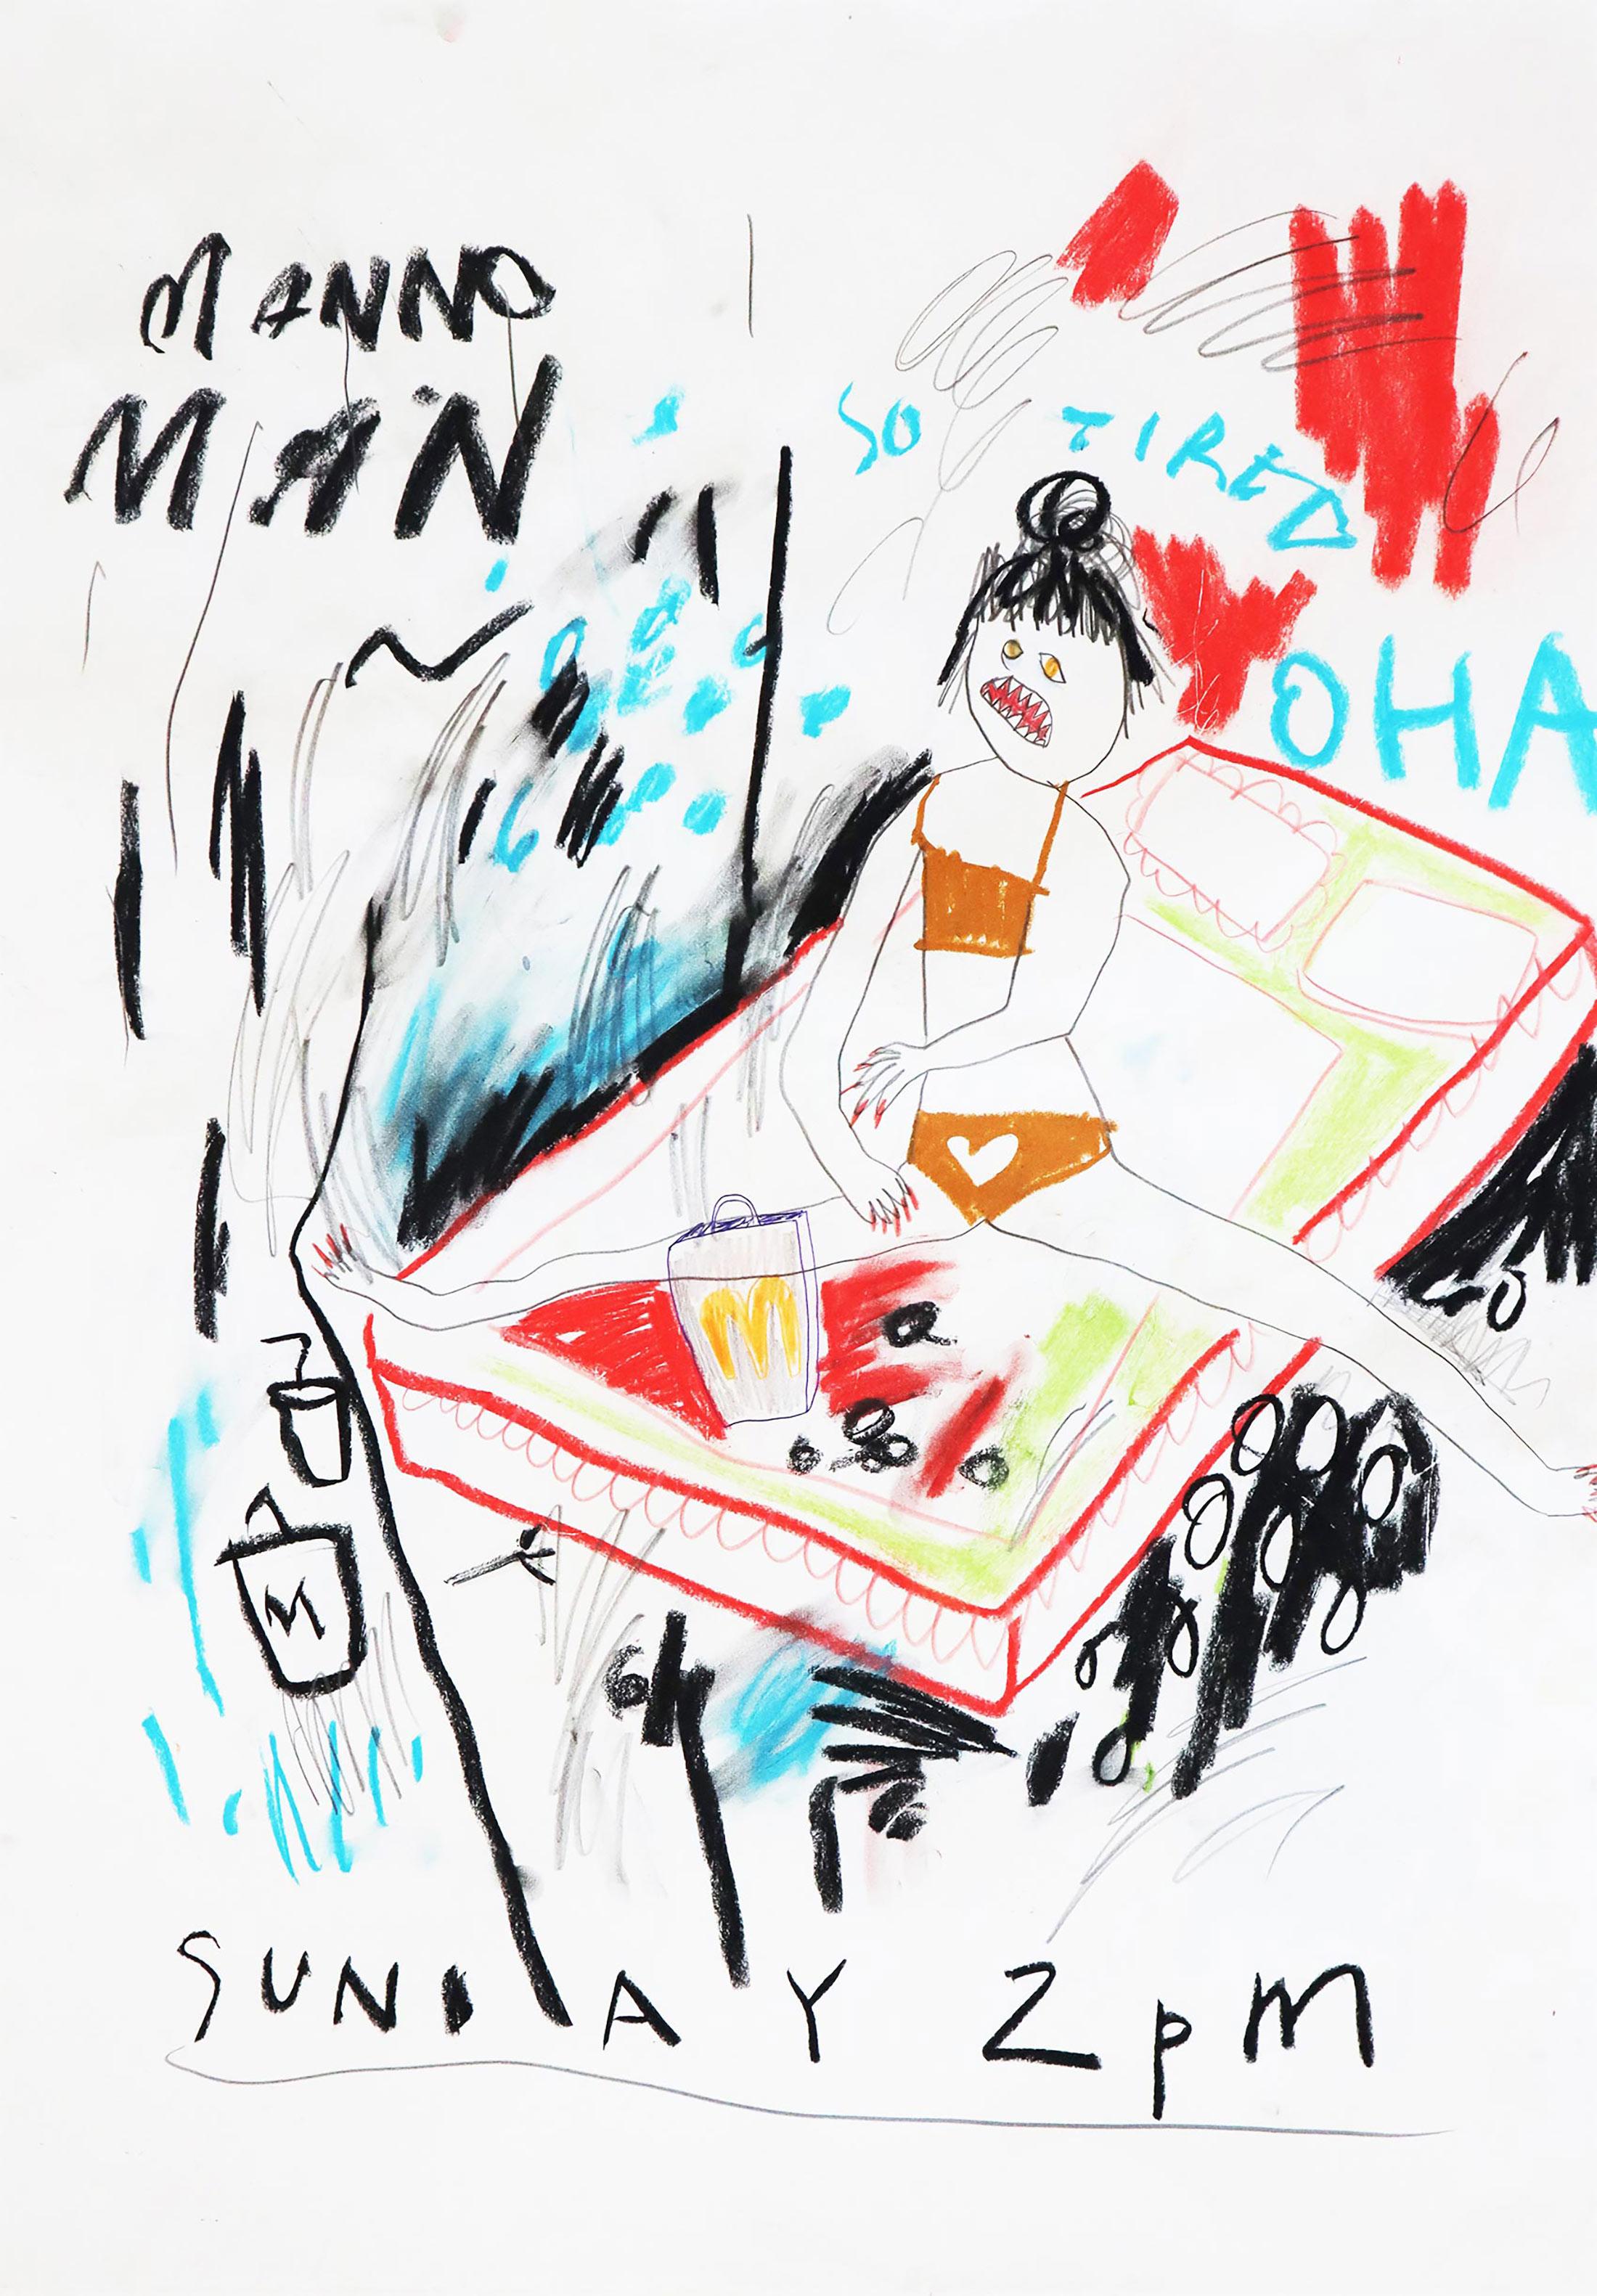 domi gratz, oil pastels, naive art, kunst online kaufe, akademie der künste, wien, kunst sammeln